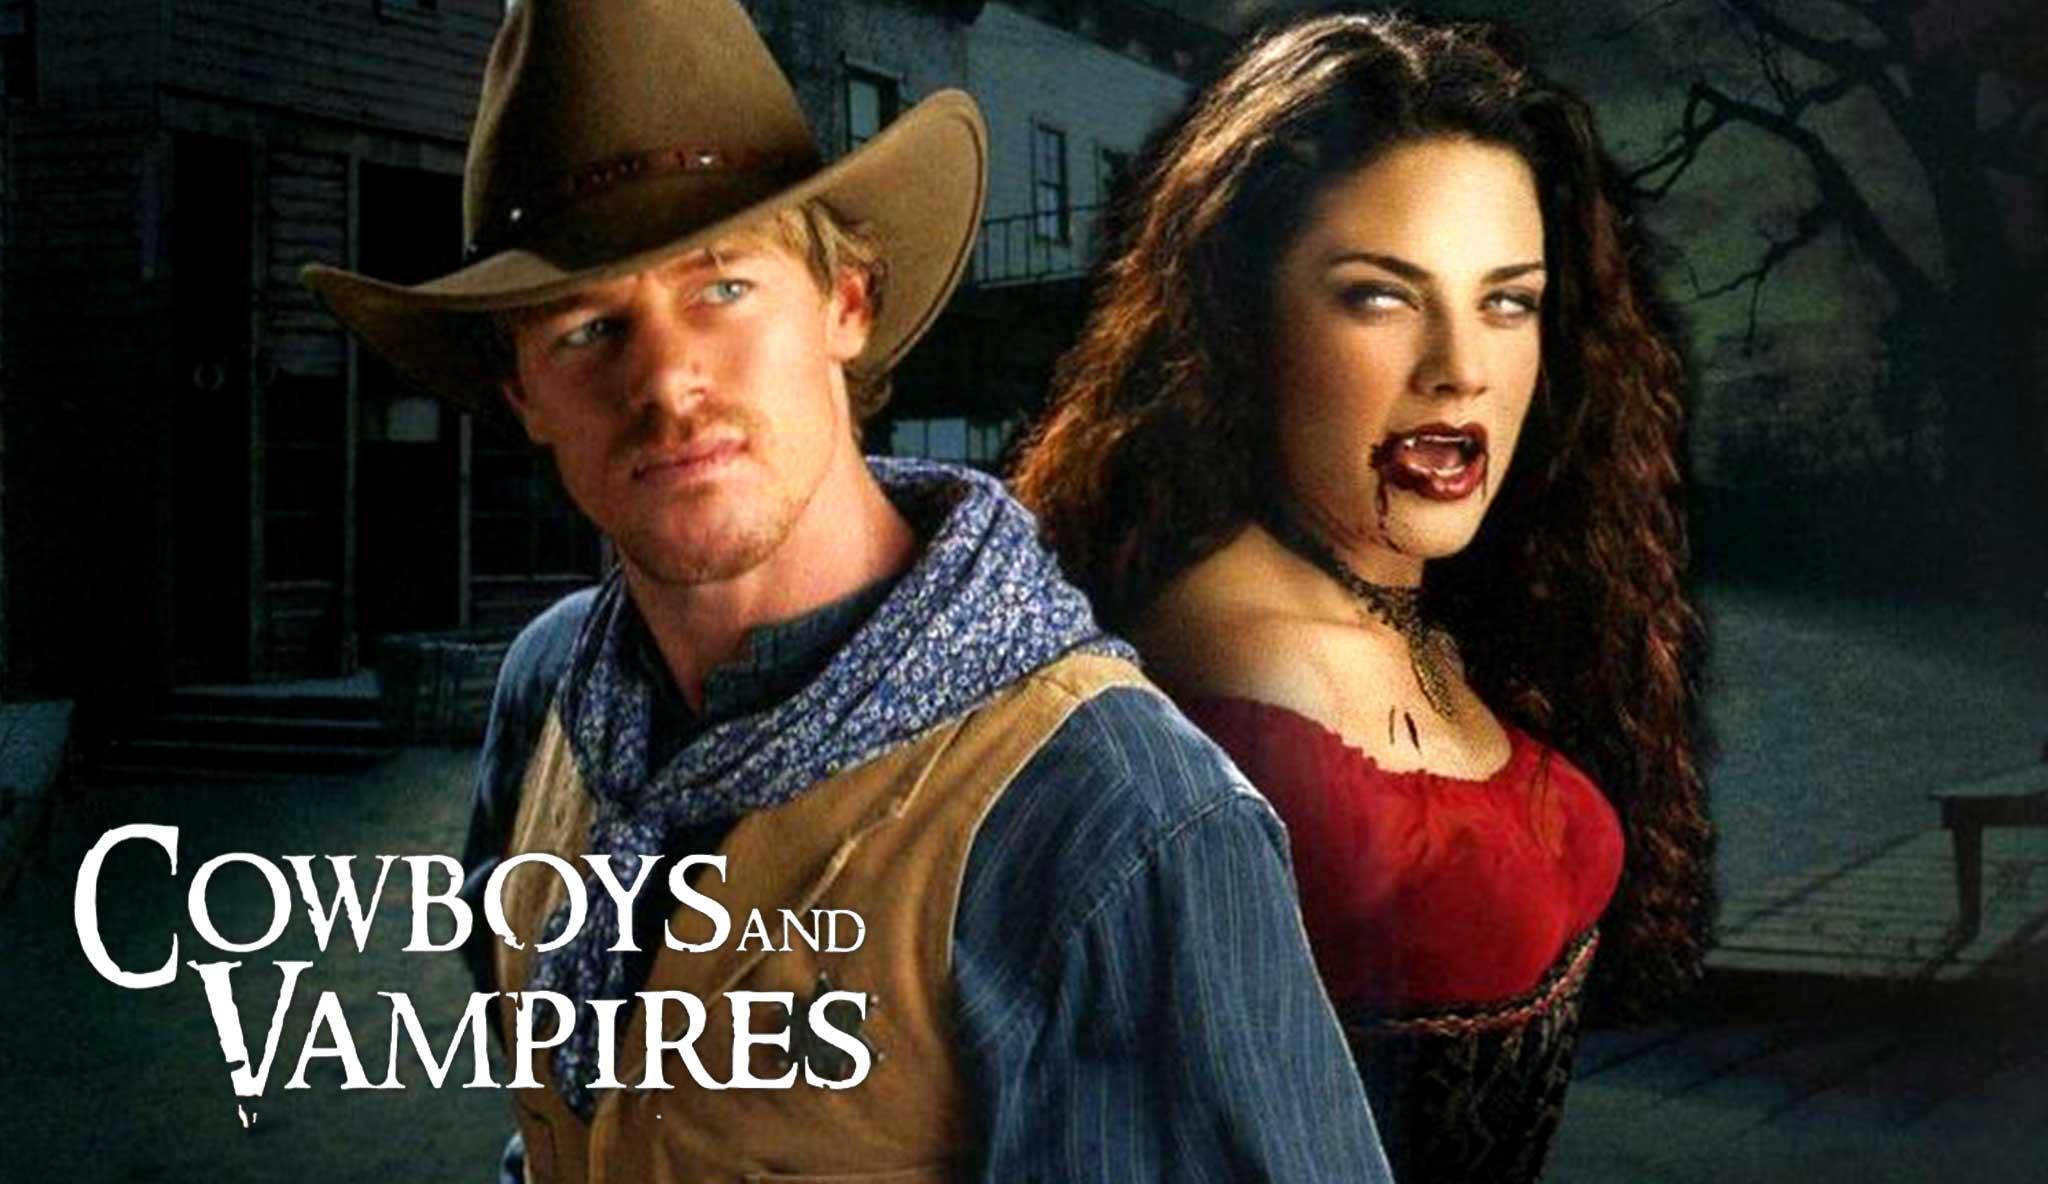 cowboys-and-vampires\header.jpg